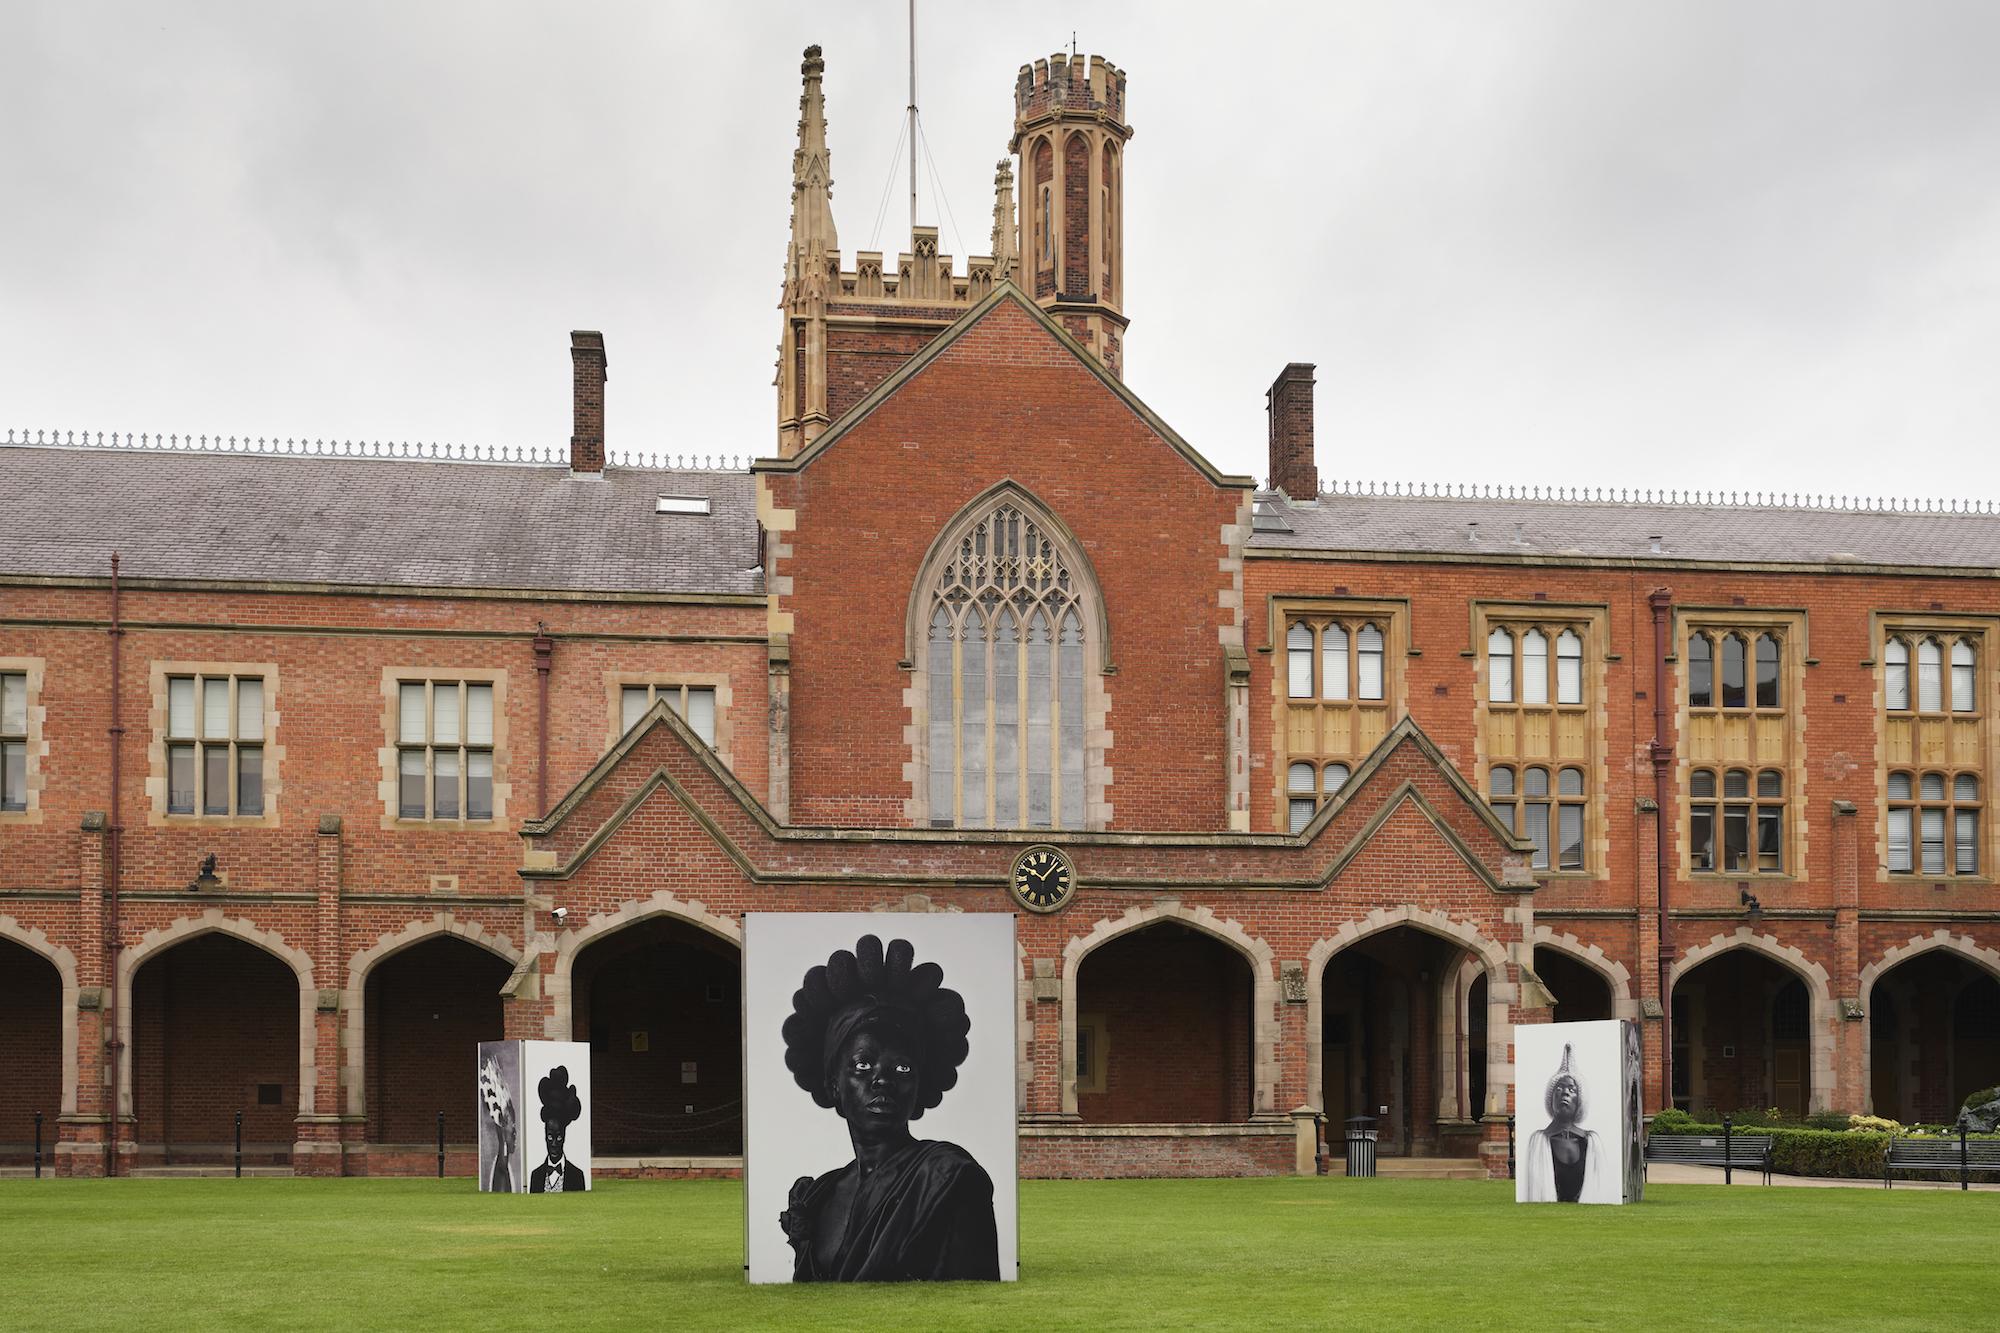 Zanele Muholi, Somnyama Ngonyama_ Exhibition Installation View at Queen's University